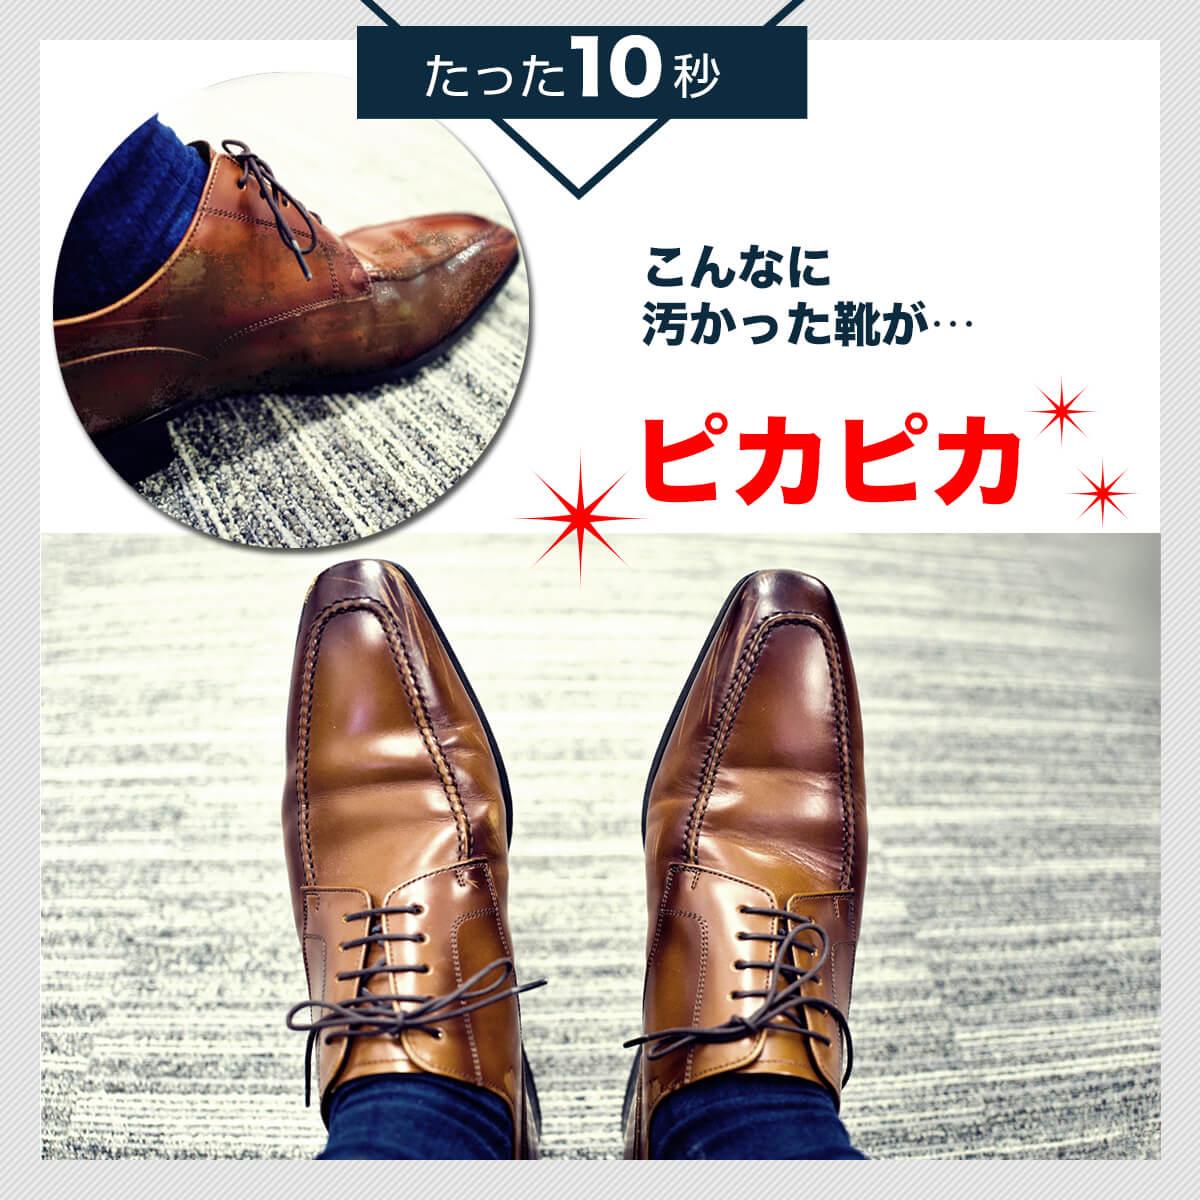 これまでの靴磨きスタイル